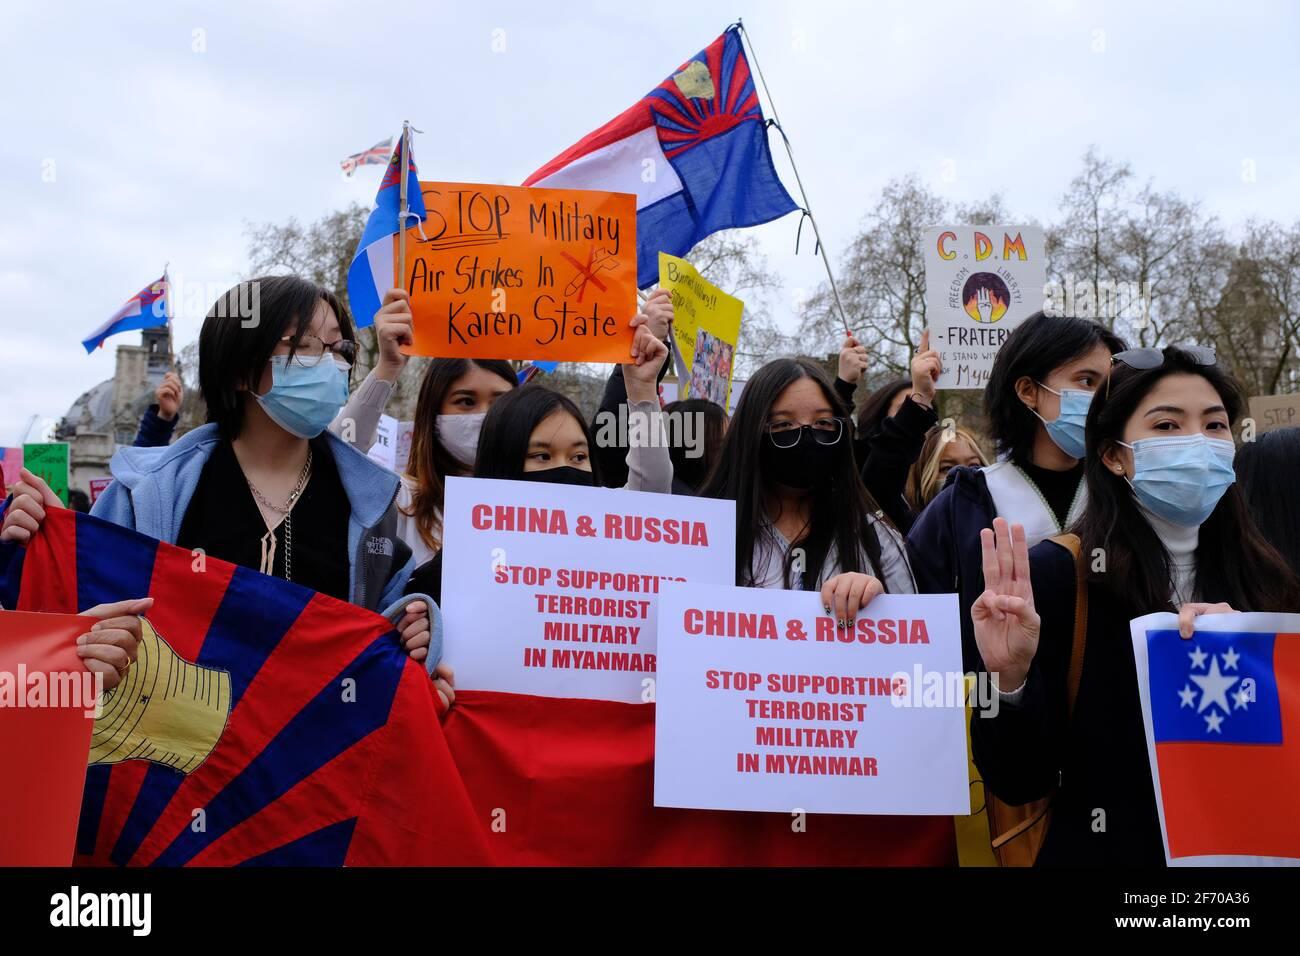 LONDRES - 3 AVRIL 2021 : des manifestants sur la place du Parlement contre le coup d'État militaire chinois et russe ont soutenu le Myanmar Birmanie. Banque D'Images